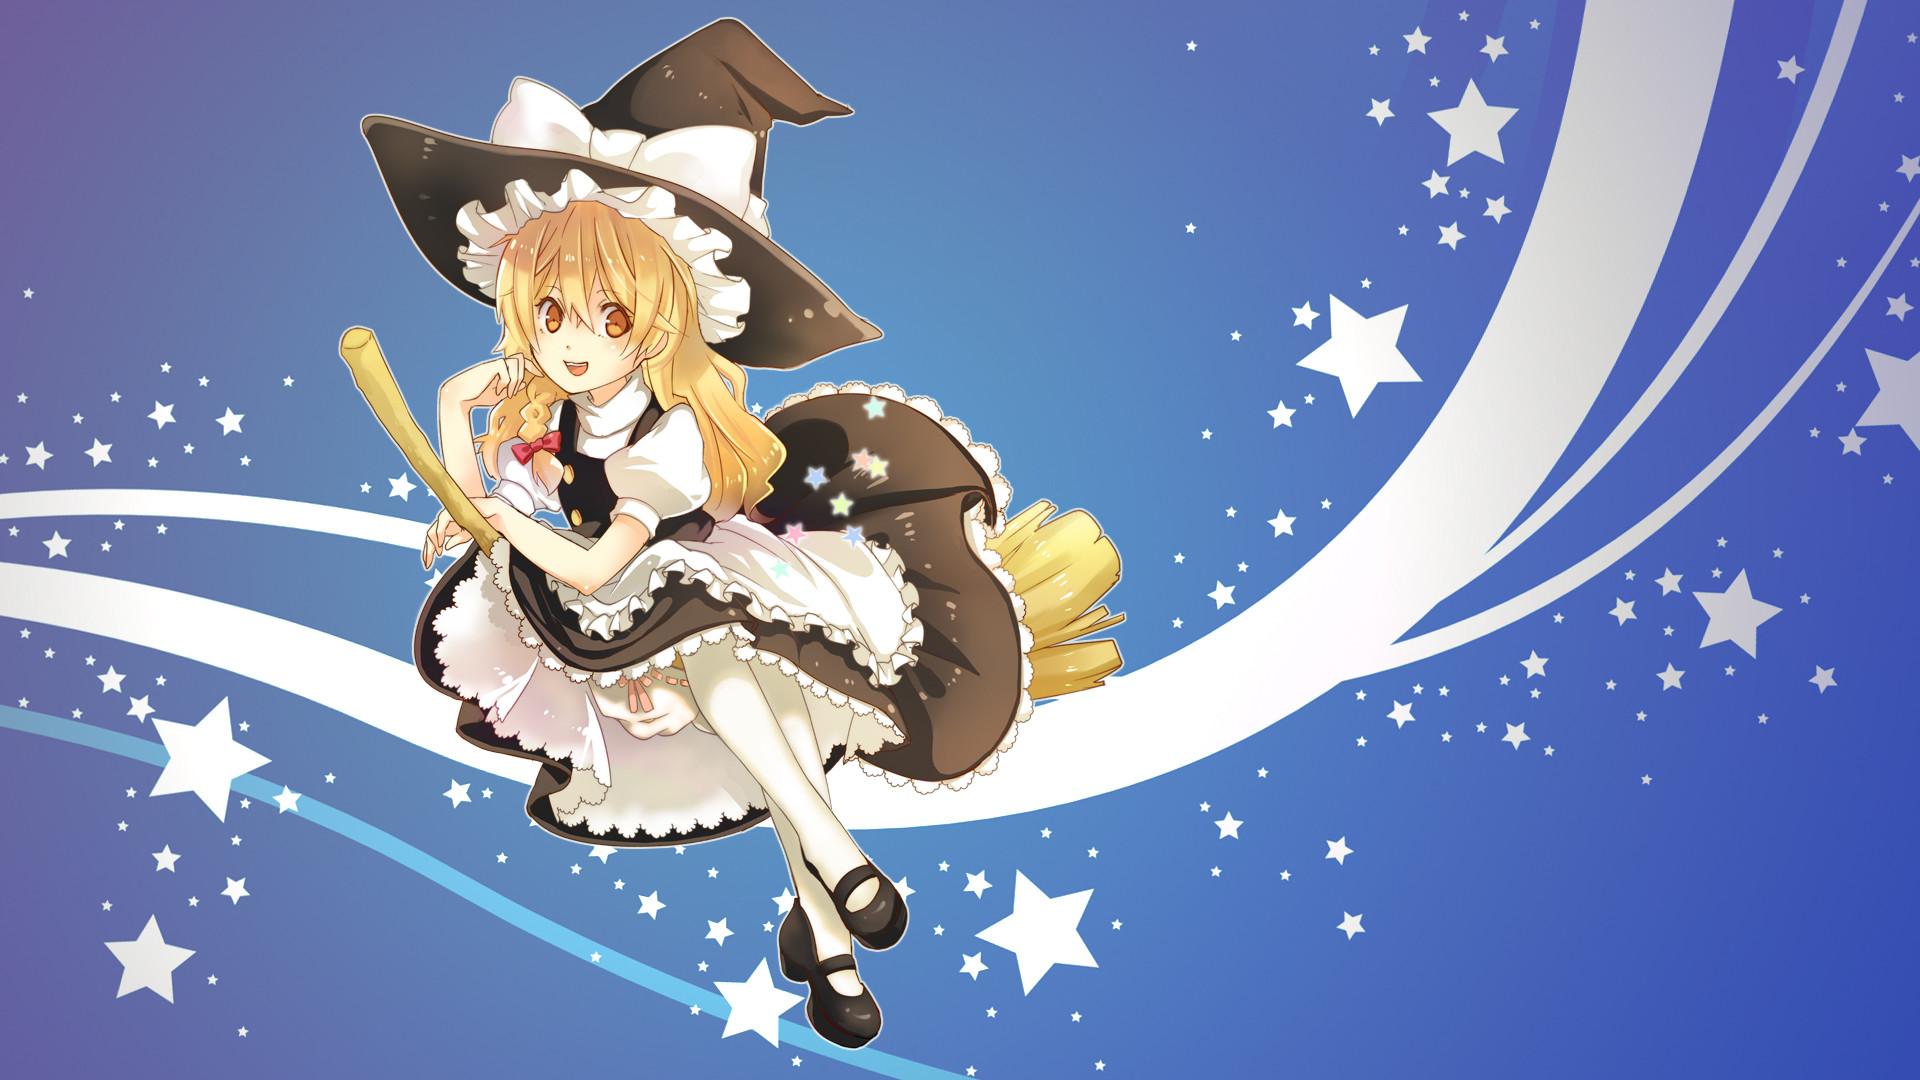 Anime – Touhou Witch Marisa Kirisame Wallpaper